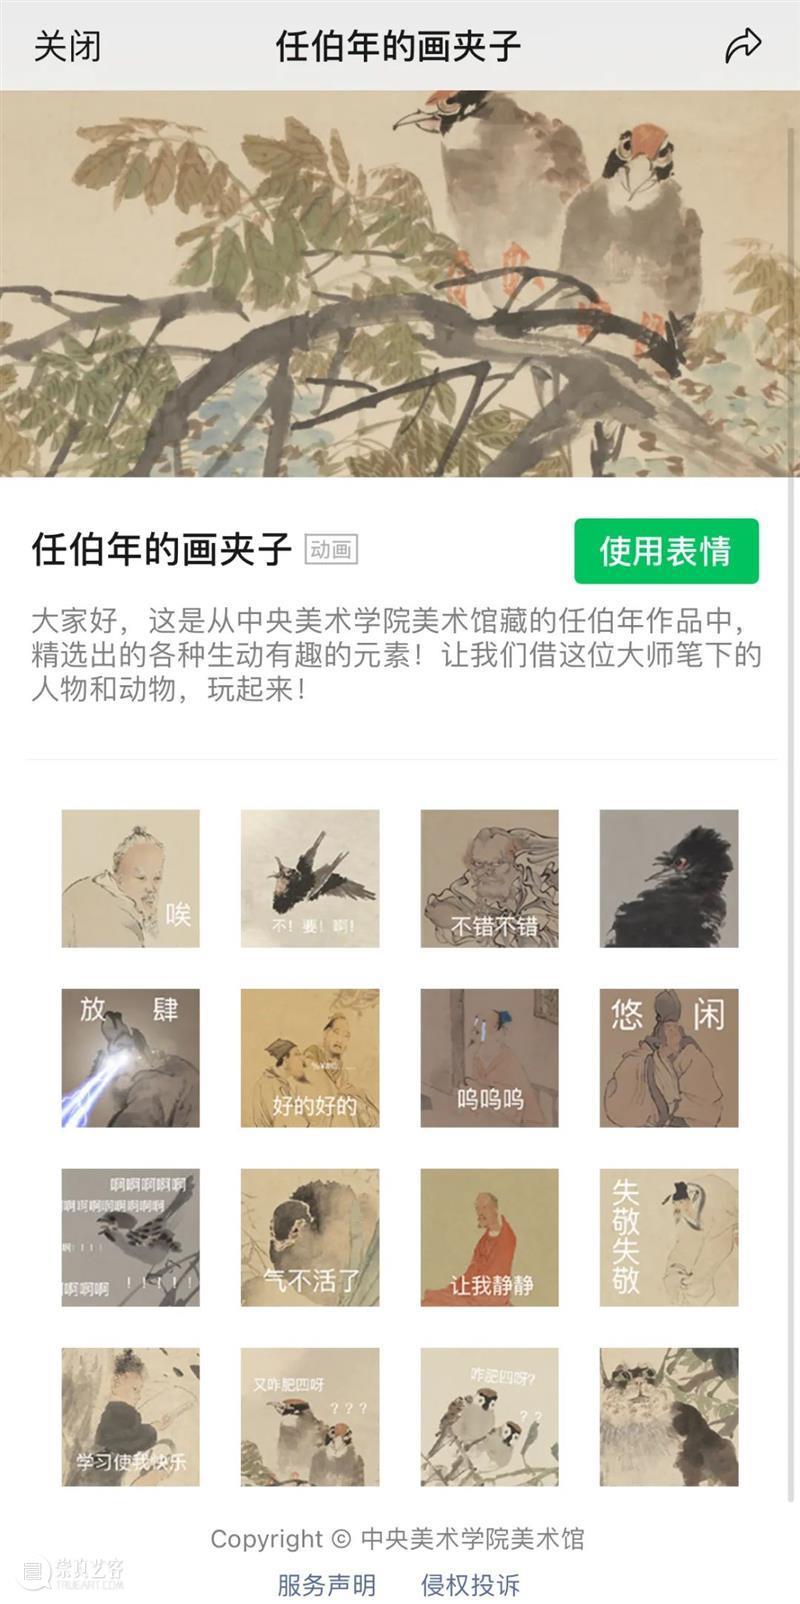 任伯年作品表情包来袭   你值得拥有 任伯年 作品 表情 中国 近现代 绘画史 人生 传奇 艺术家 画坛 崇真艺客